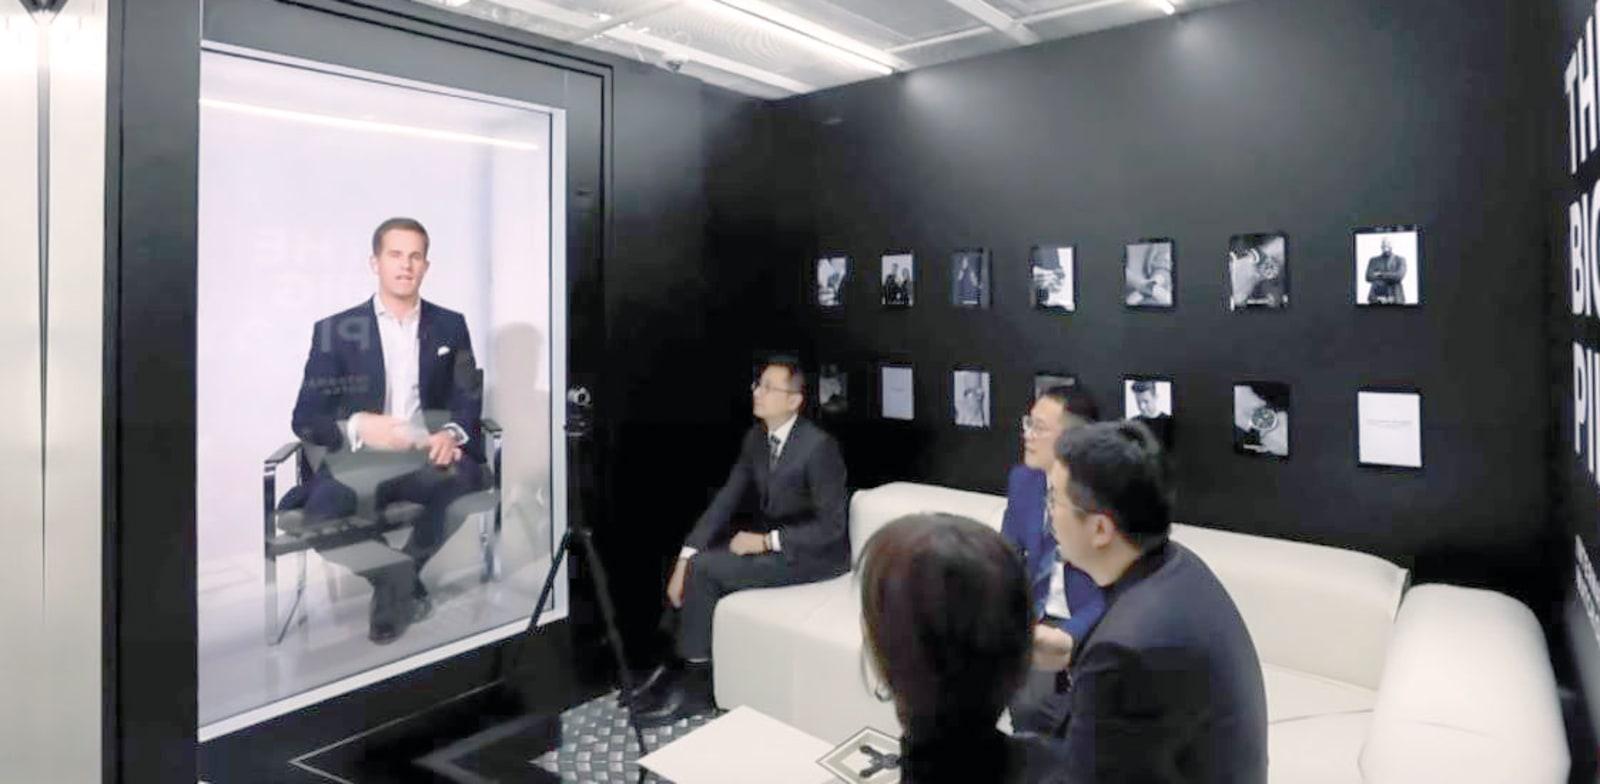 """כריסטוף גריינגר־הר, מנכ""""ל חברת השעונים WSI, מופיע כהולוגרמה / צילום: צילום מסך מתוך סרטון וידאו של Portl"""